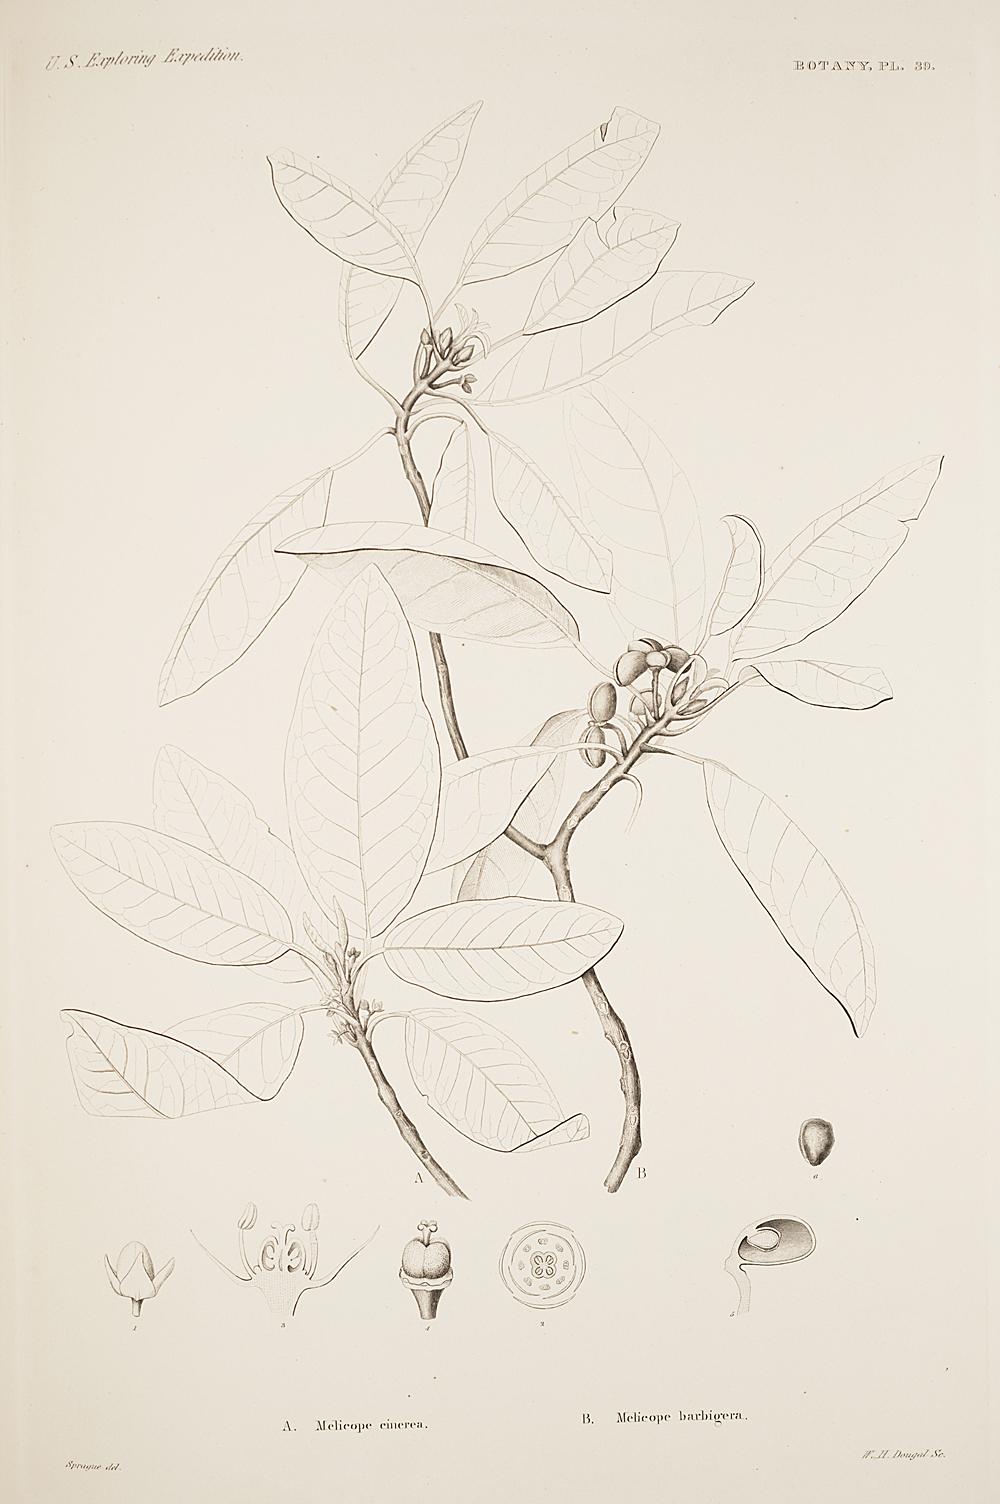 Botany, Pl. 39,  Image number:sil19-23-089b